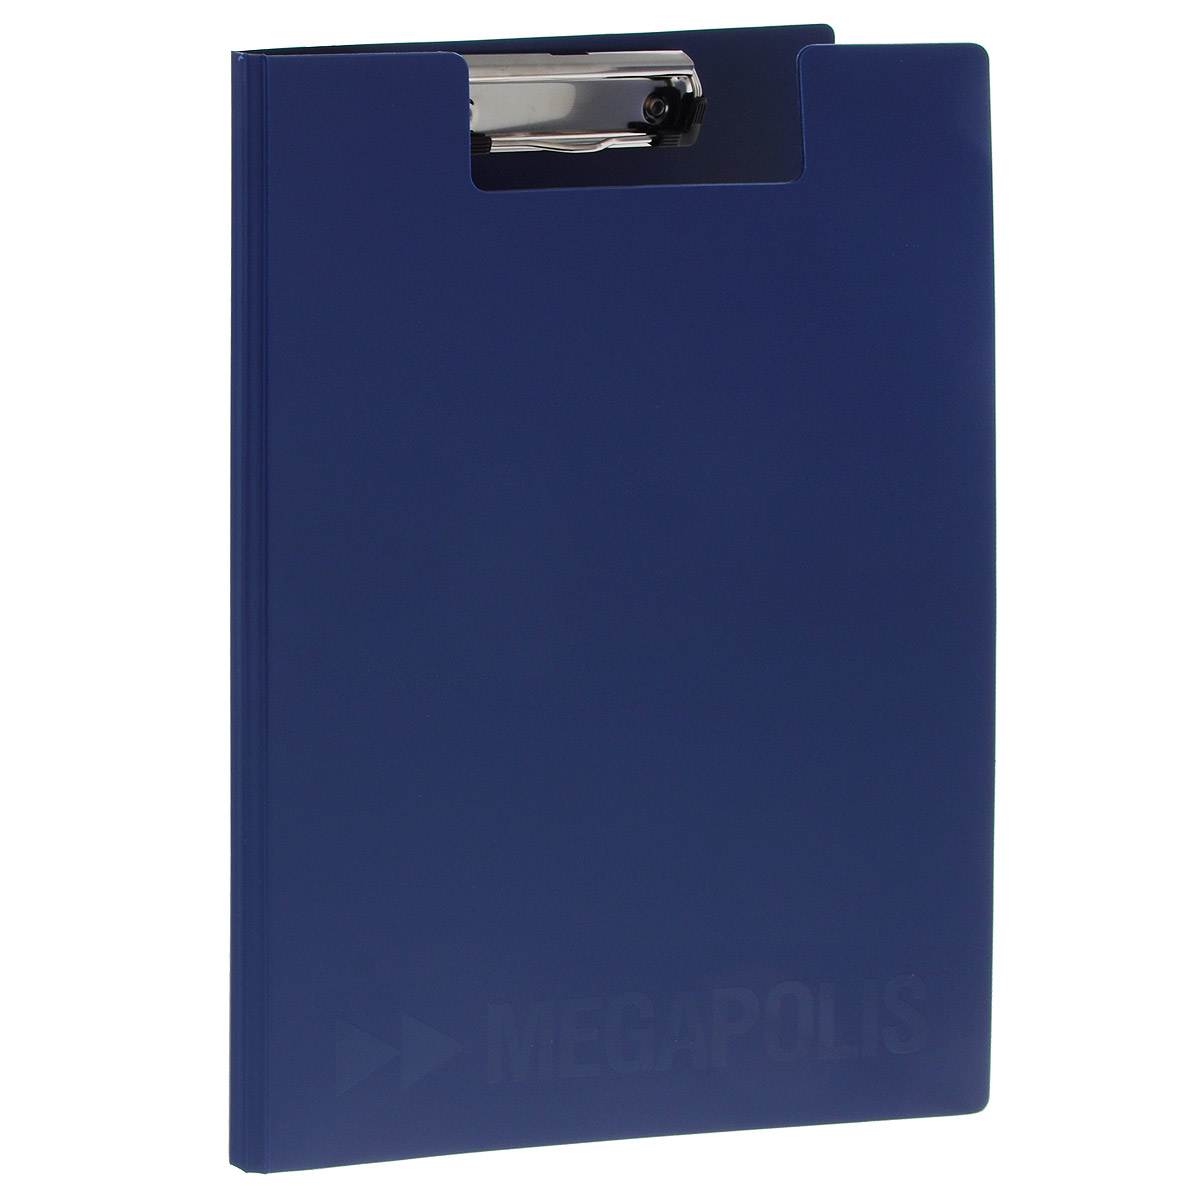 Папка-планшет Erich Krause Megapolis, формат А4, цвет: темно-синий3874Папка-планшет Erich Krause Megapolis будет незаменима для работы с документацией в дороге или на складе, а так же может быть использована для подготовки и хранения текстов выступлений или докладов. Изготовлена из жесткого пластика, и ПВХ. Благодаря своей жесткости позволяет делать записи на весу. Металлический зажим надежно фиксирует листы, предотвращая сползание бумаги. Есть внутренний карман для заметок.